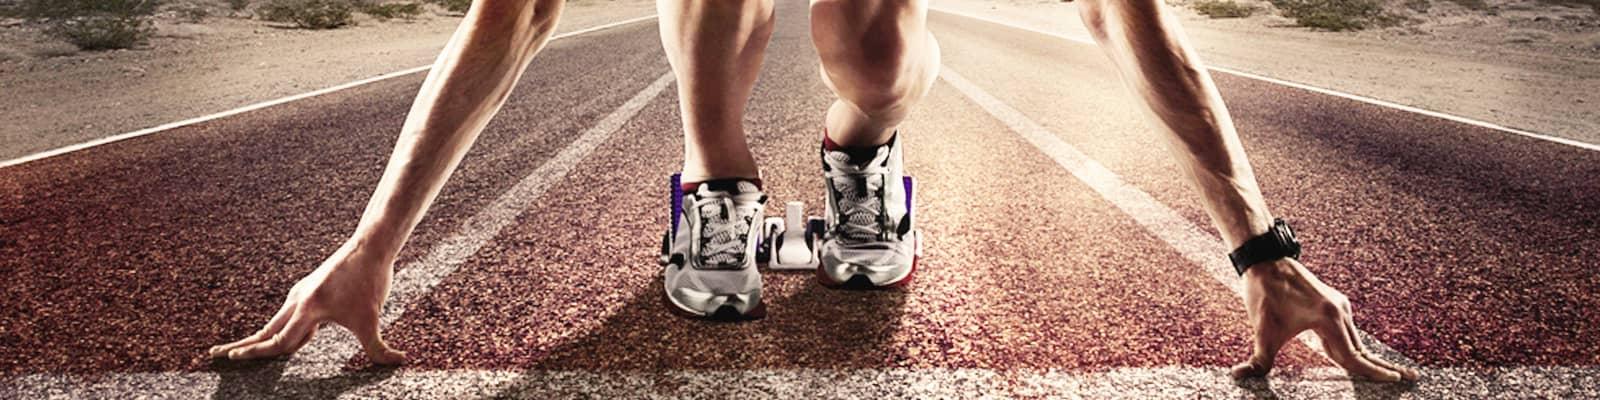 Rendimiento y prevención en el deporte